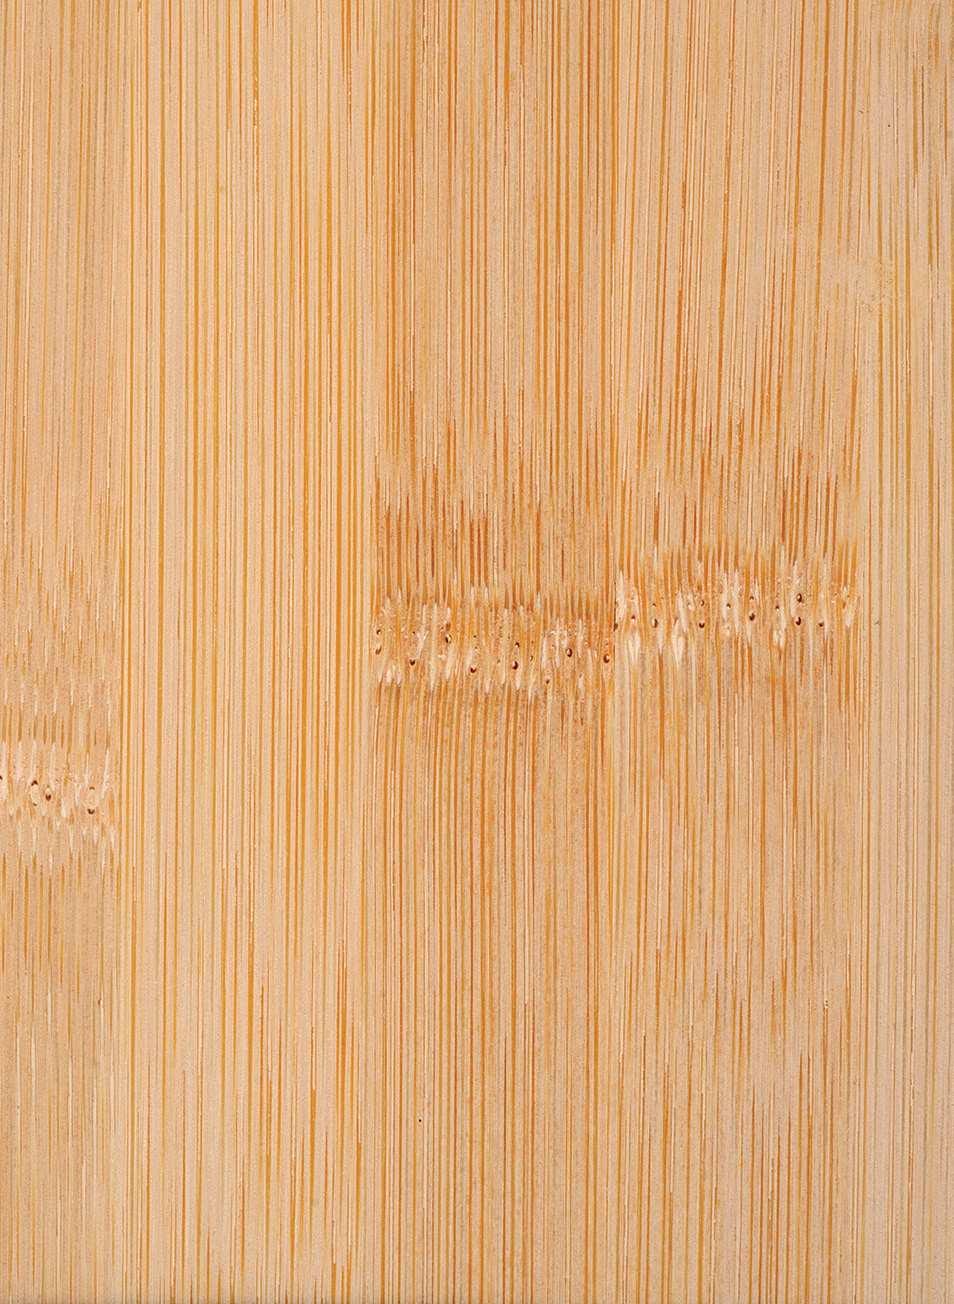 Super Bambus - Merkmale & Eigenschaften - Holz vom Fach NN97